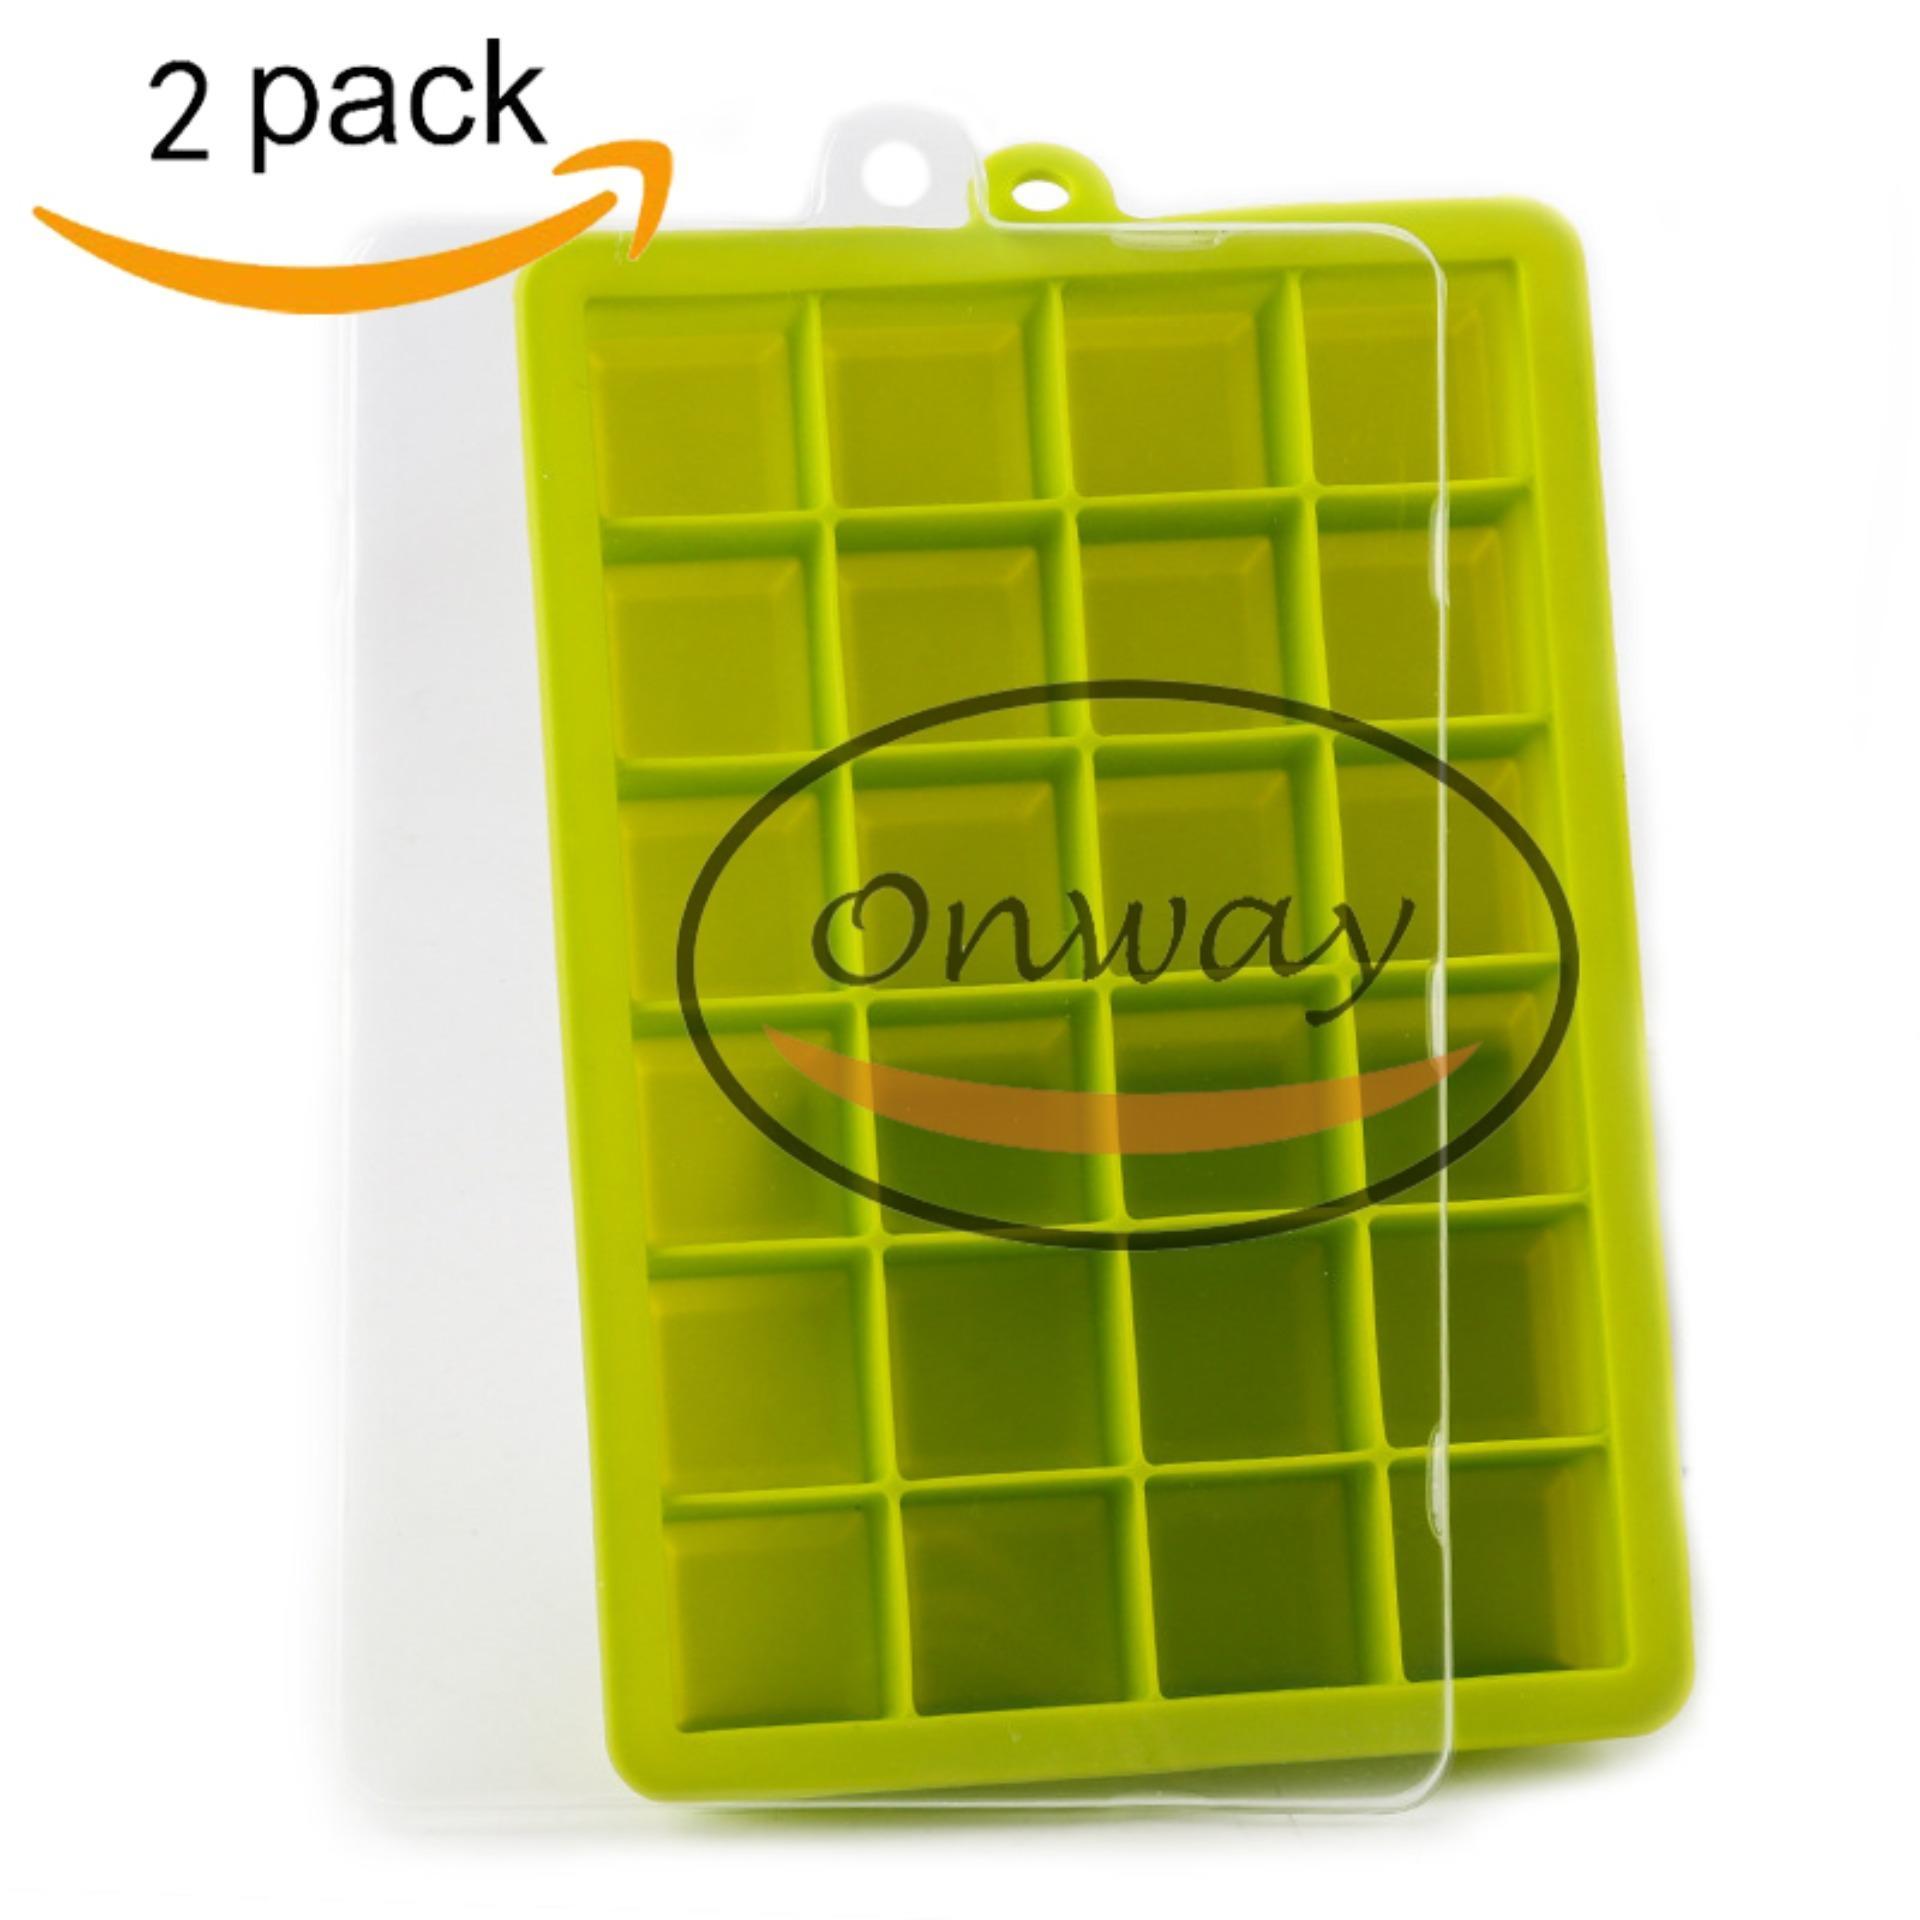 24 Rongga Es Batu Nampan Dengan Tutup, Onway Silikon Es Batu Cetakan Food Grade Baby Food Supplement Box, Cetakan Ice Tray Untuk Ice Jelly Puding Pembuat Cetakan (2 Pack) By Onway.